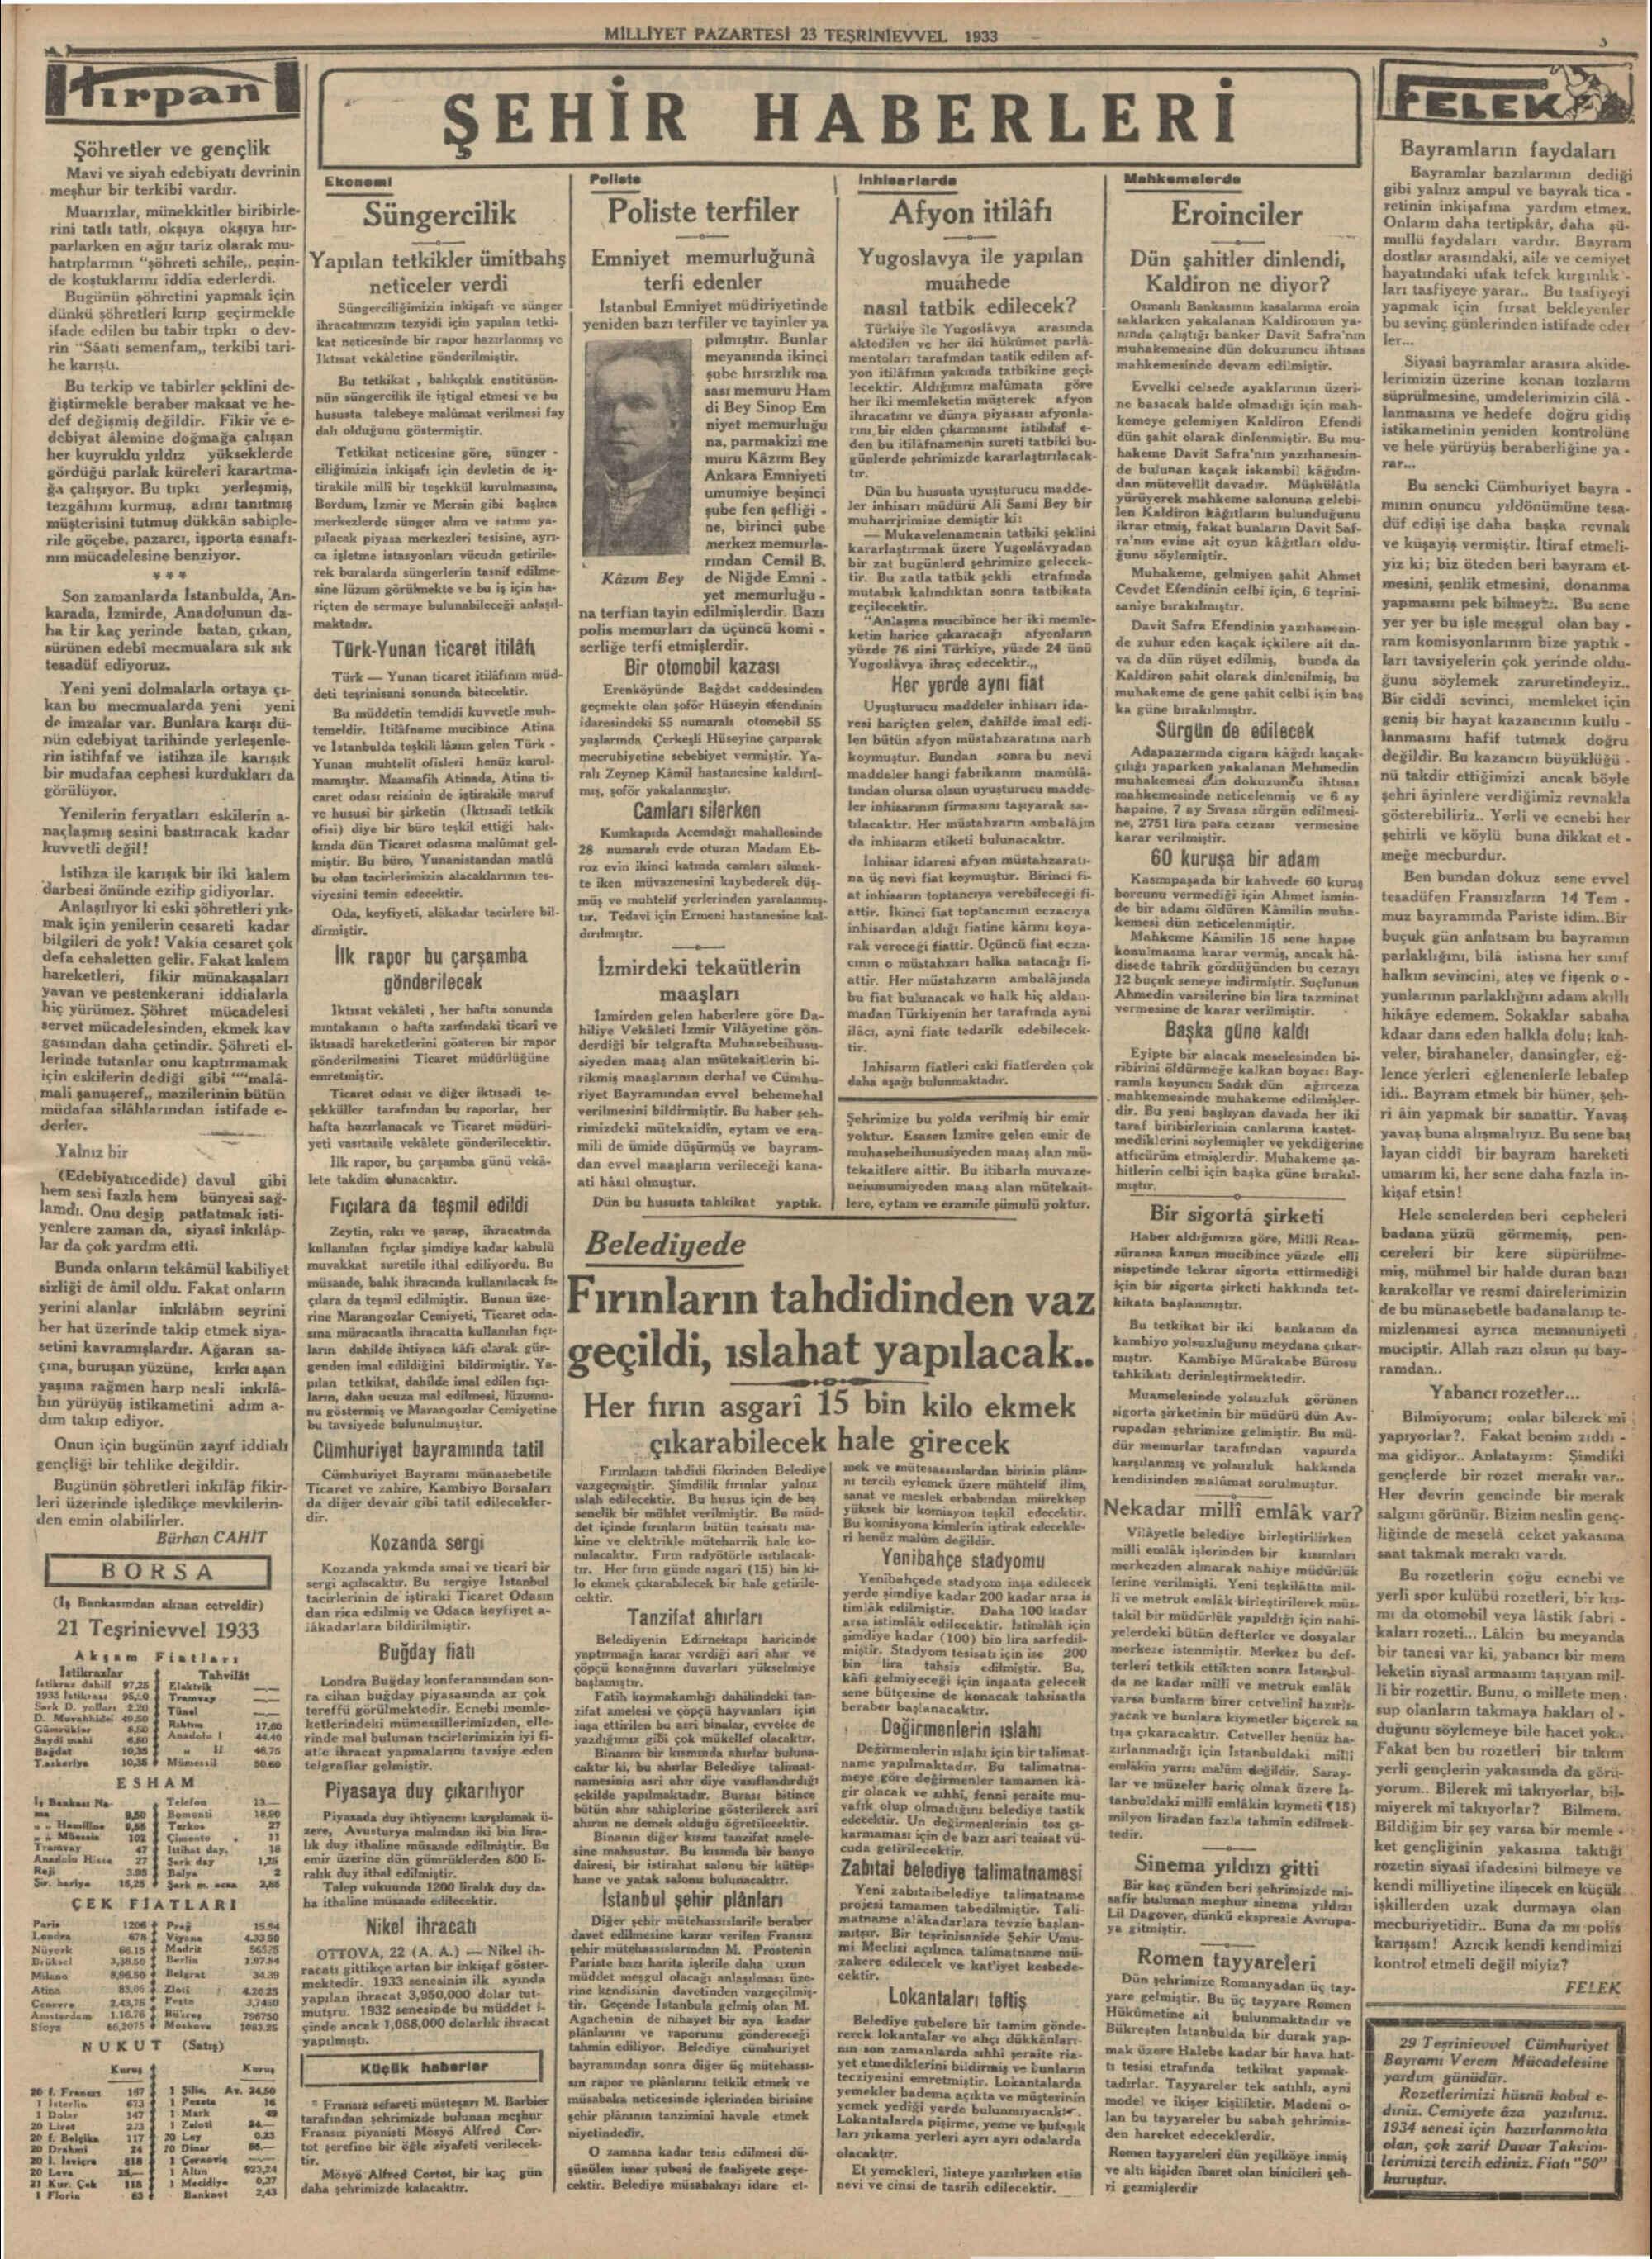 23 Ekim 1933 Tarihli Milliyet Gazetesi Sayfa 3